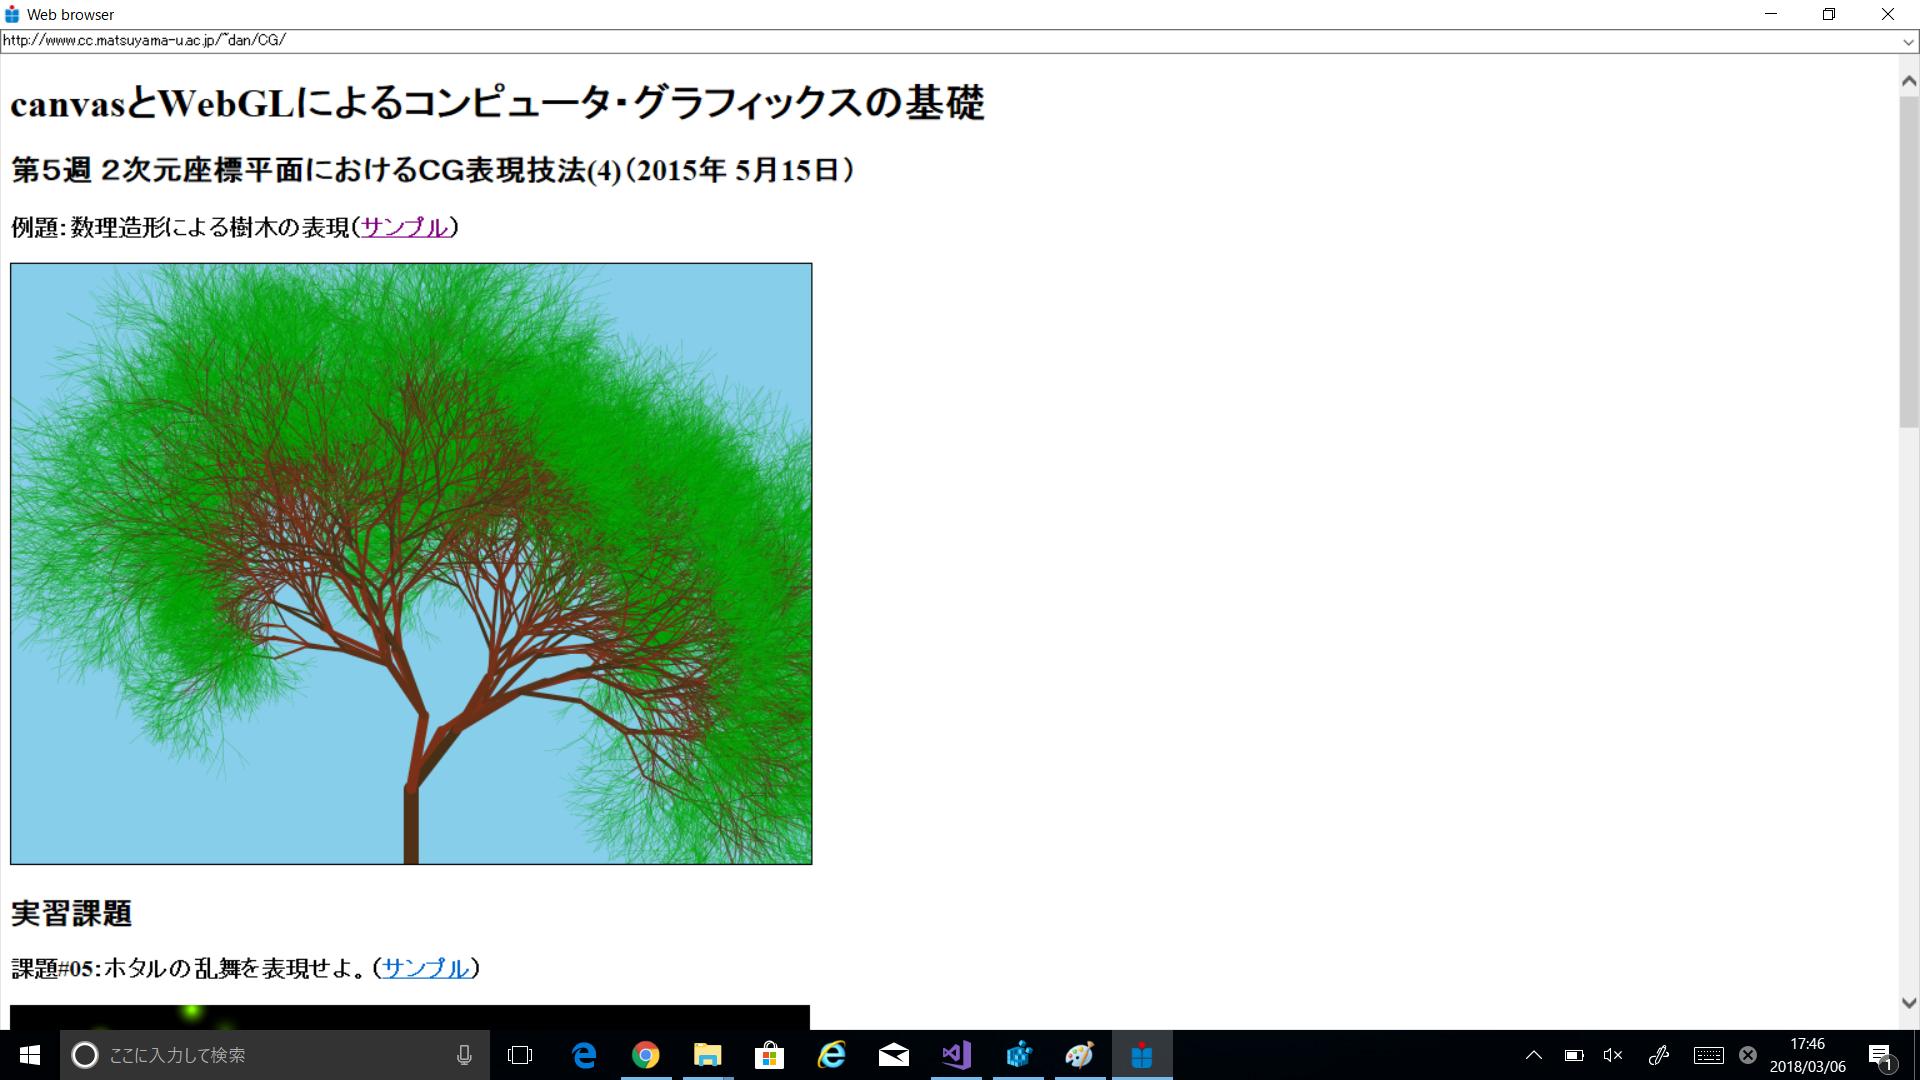 新しいビットマップ イメージ#05_実行例.png